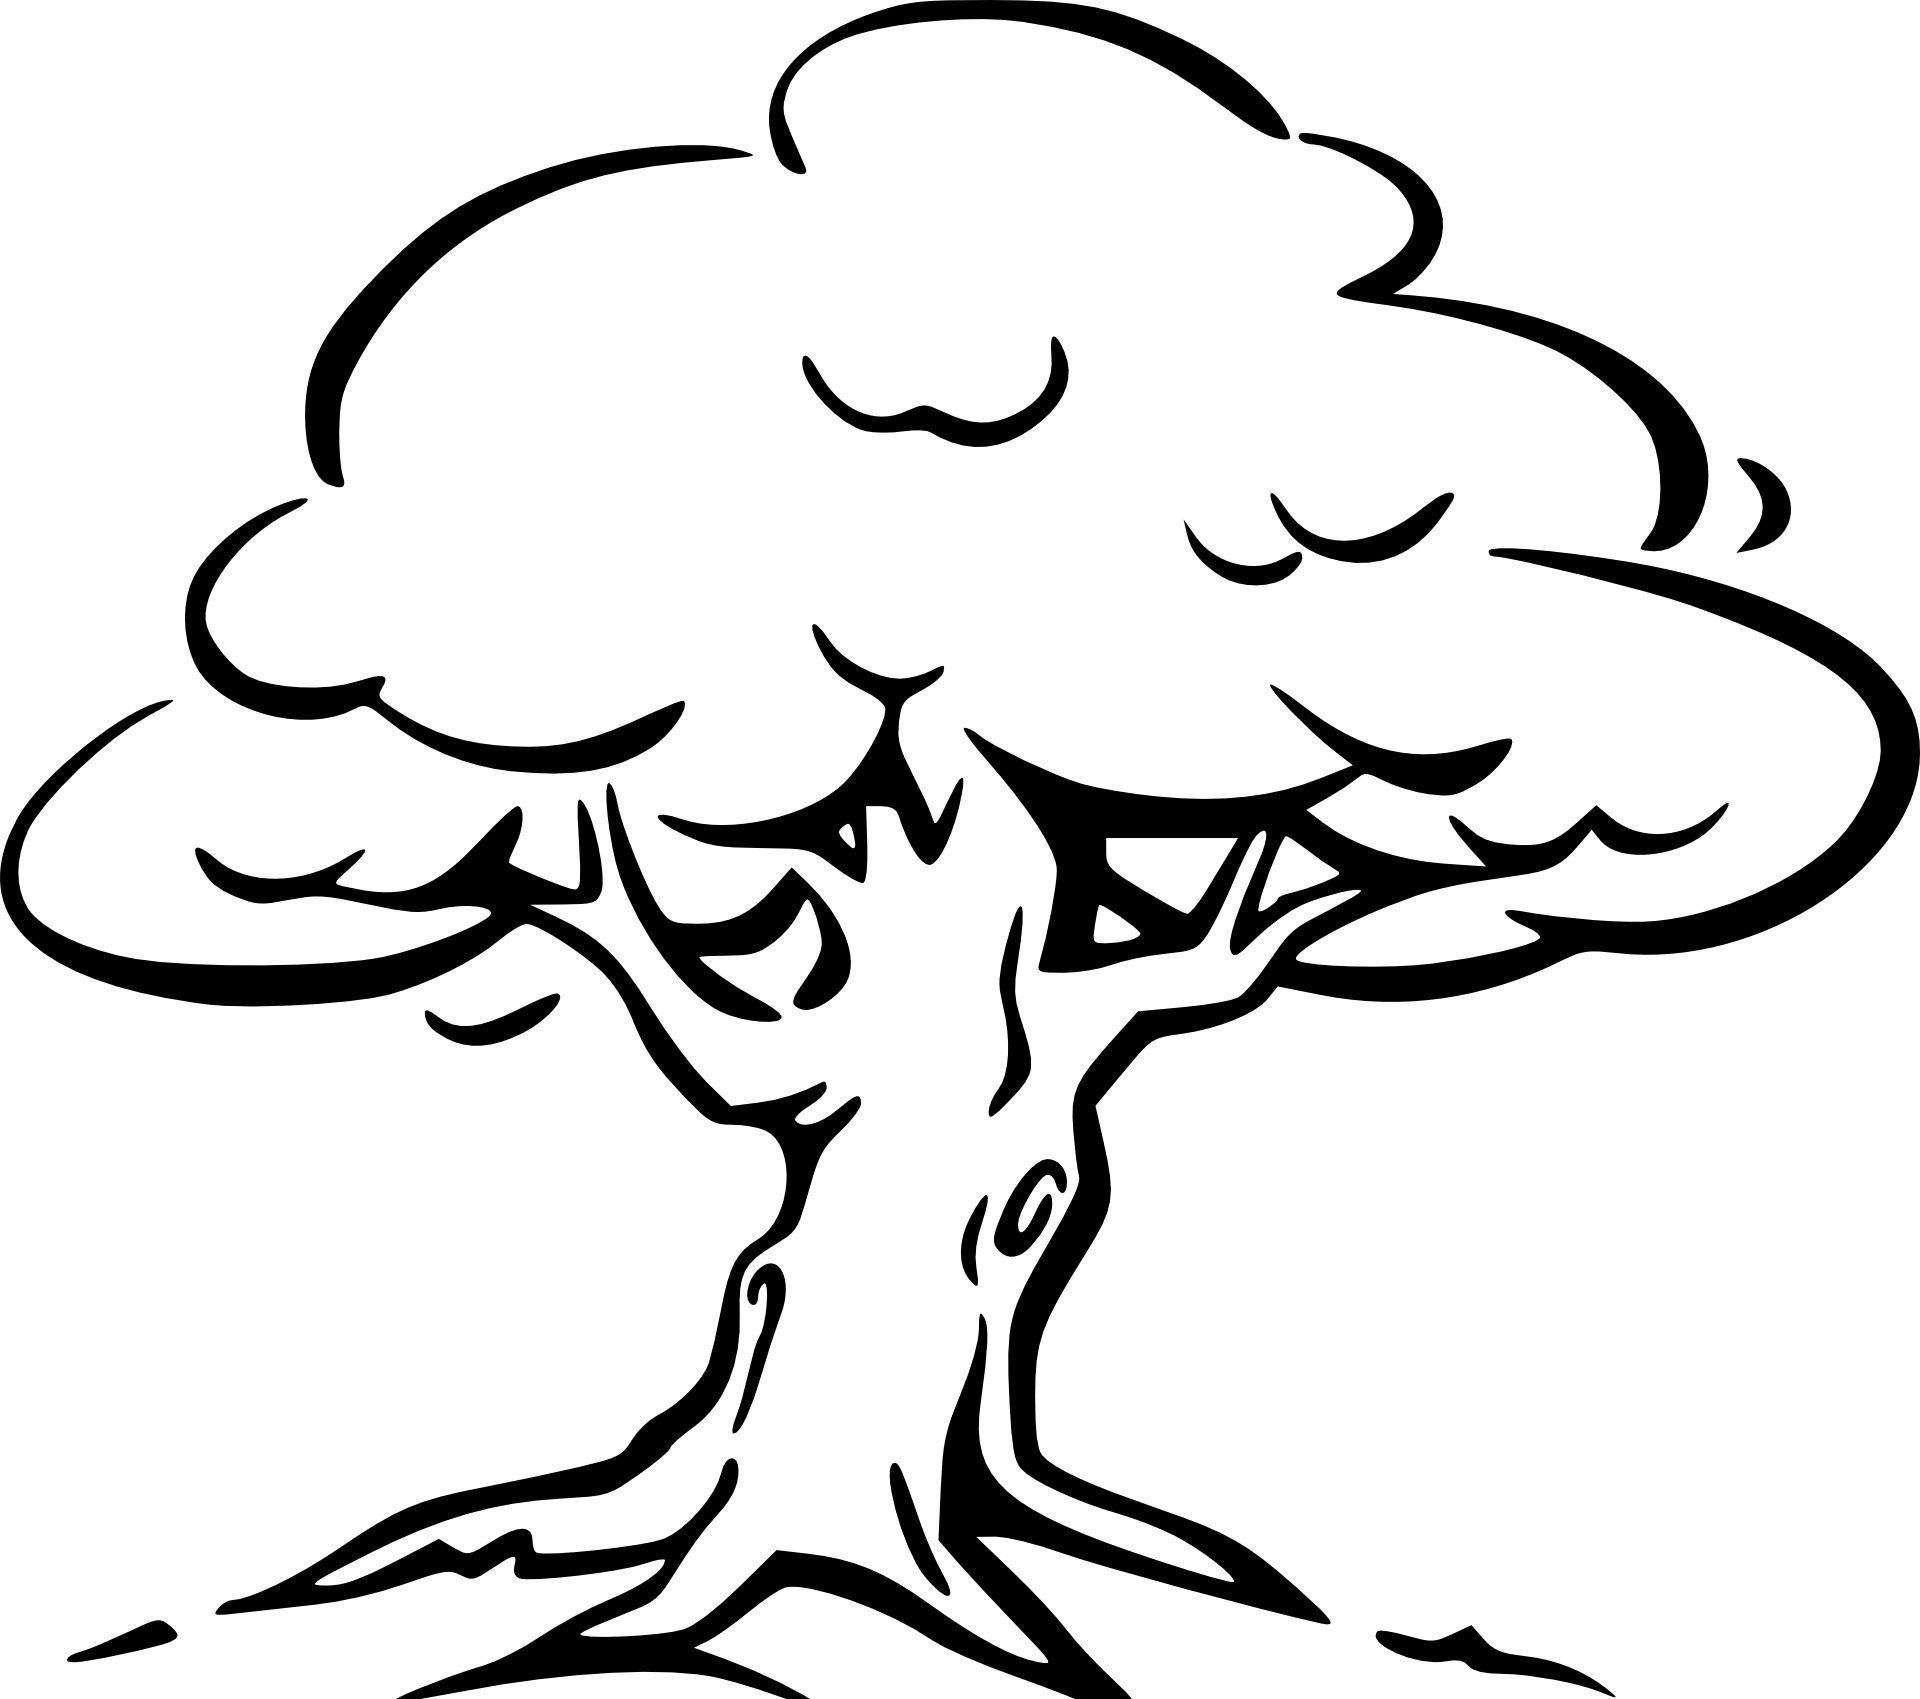 Ausmalbilder Blumen Bäume Blätter für Malvorlage Baum 01 ...